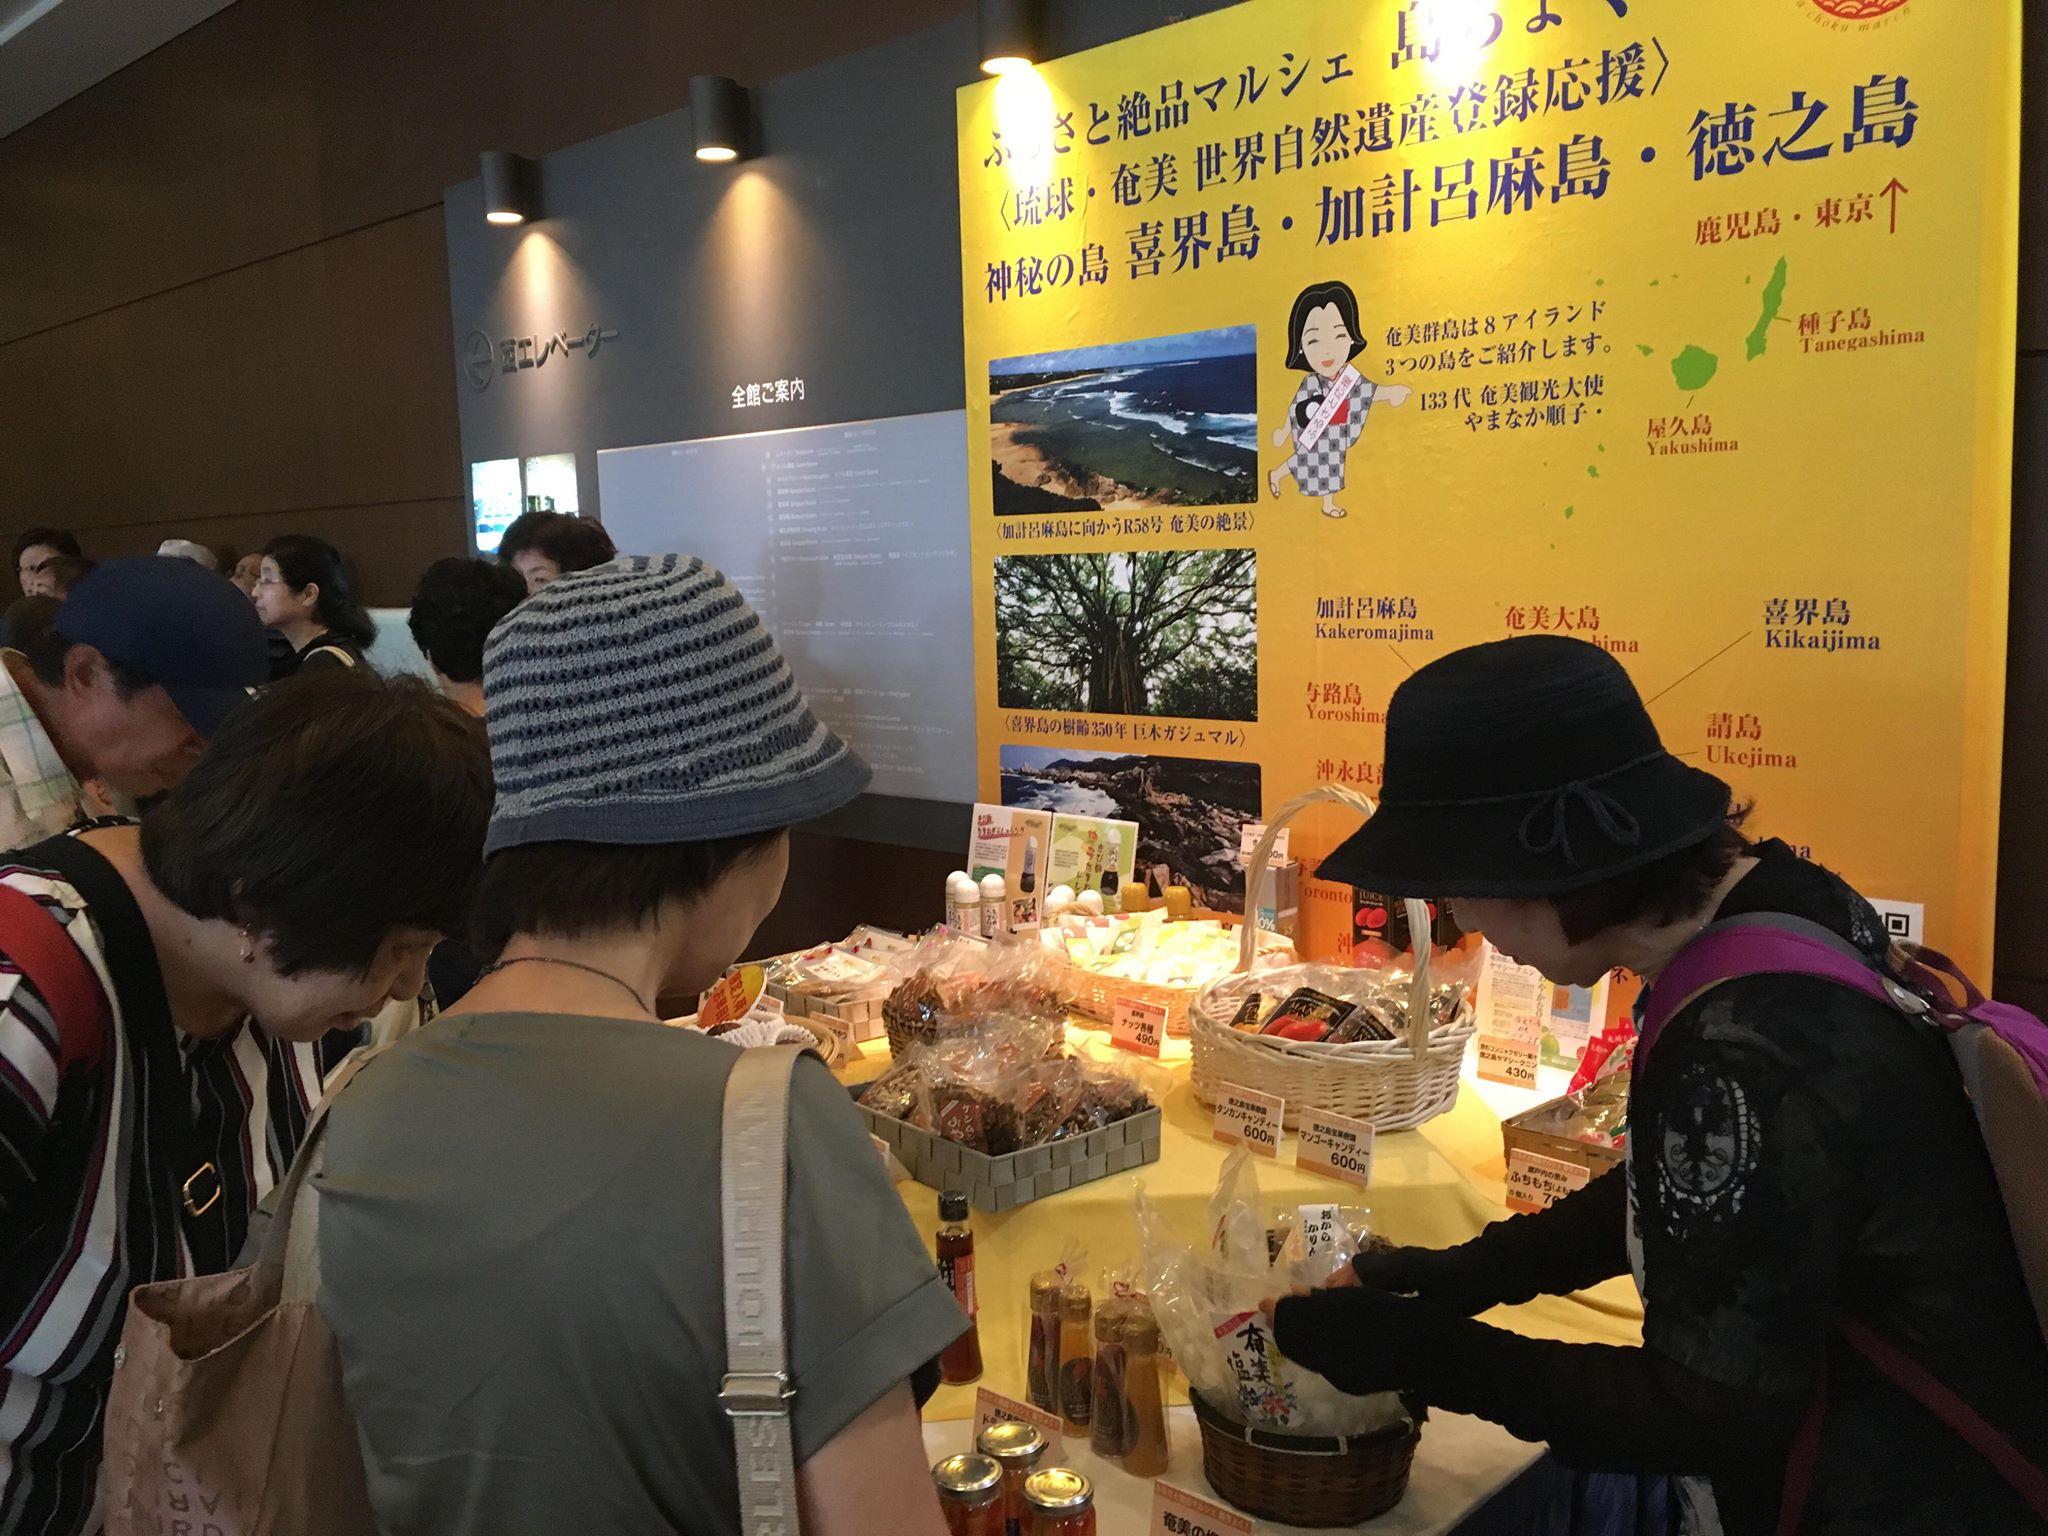 https://shima-choku.com/articles/images/2018073104.jpg